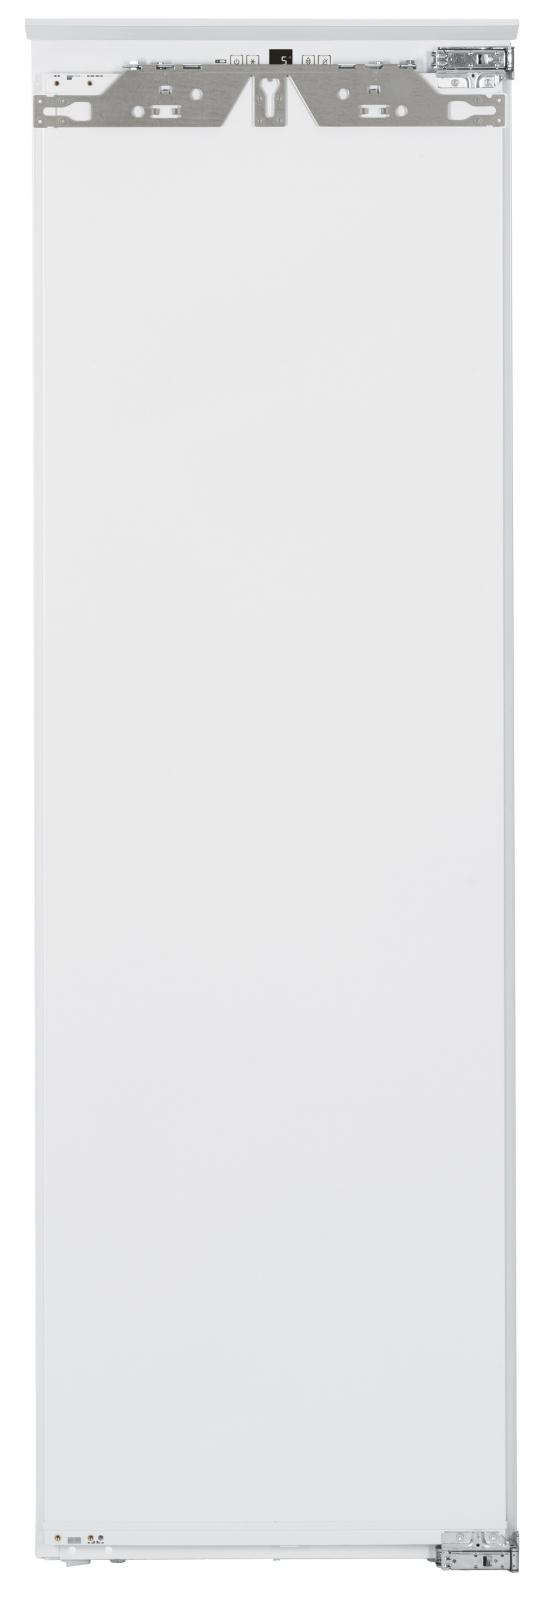 купить Встраиваемый однокамерный холодильник Liebherr IKB 3520 Украина фото 2